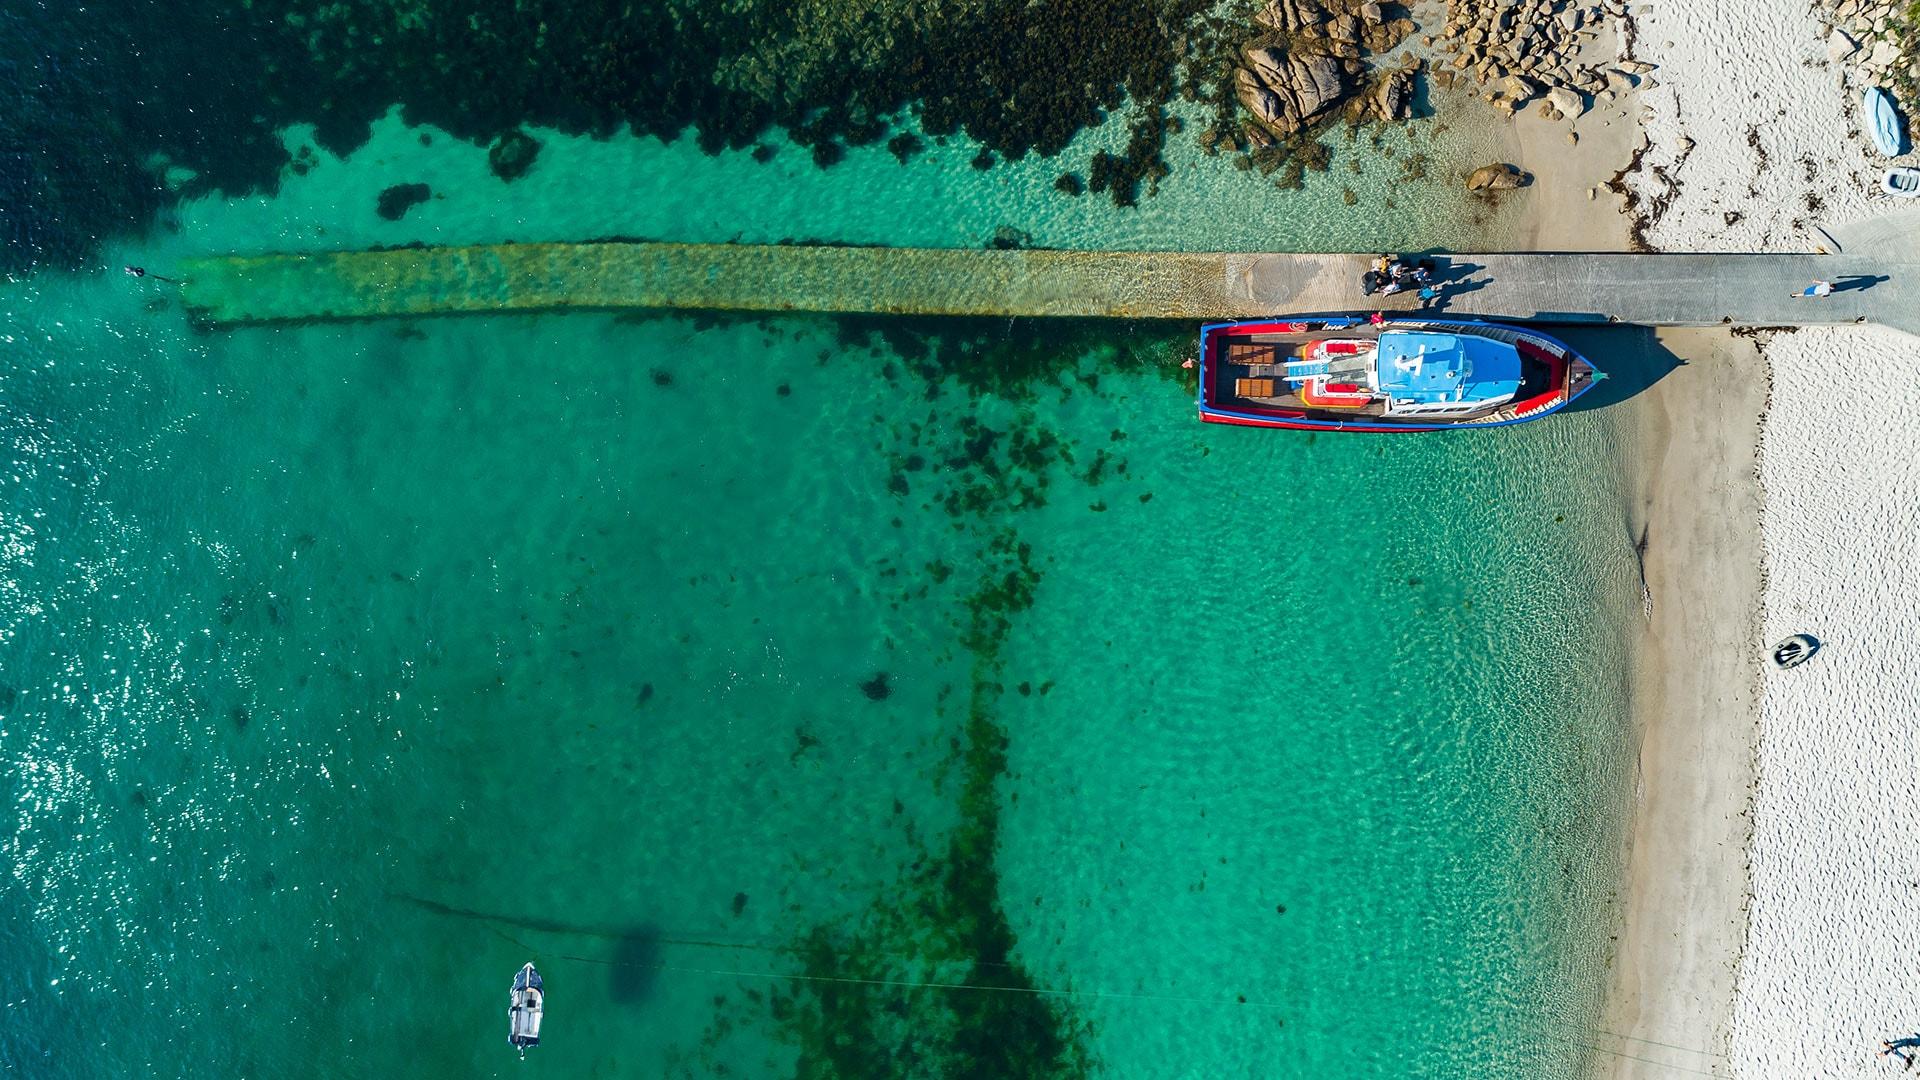 Karma-St.Martins_aerials-58-min